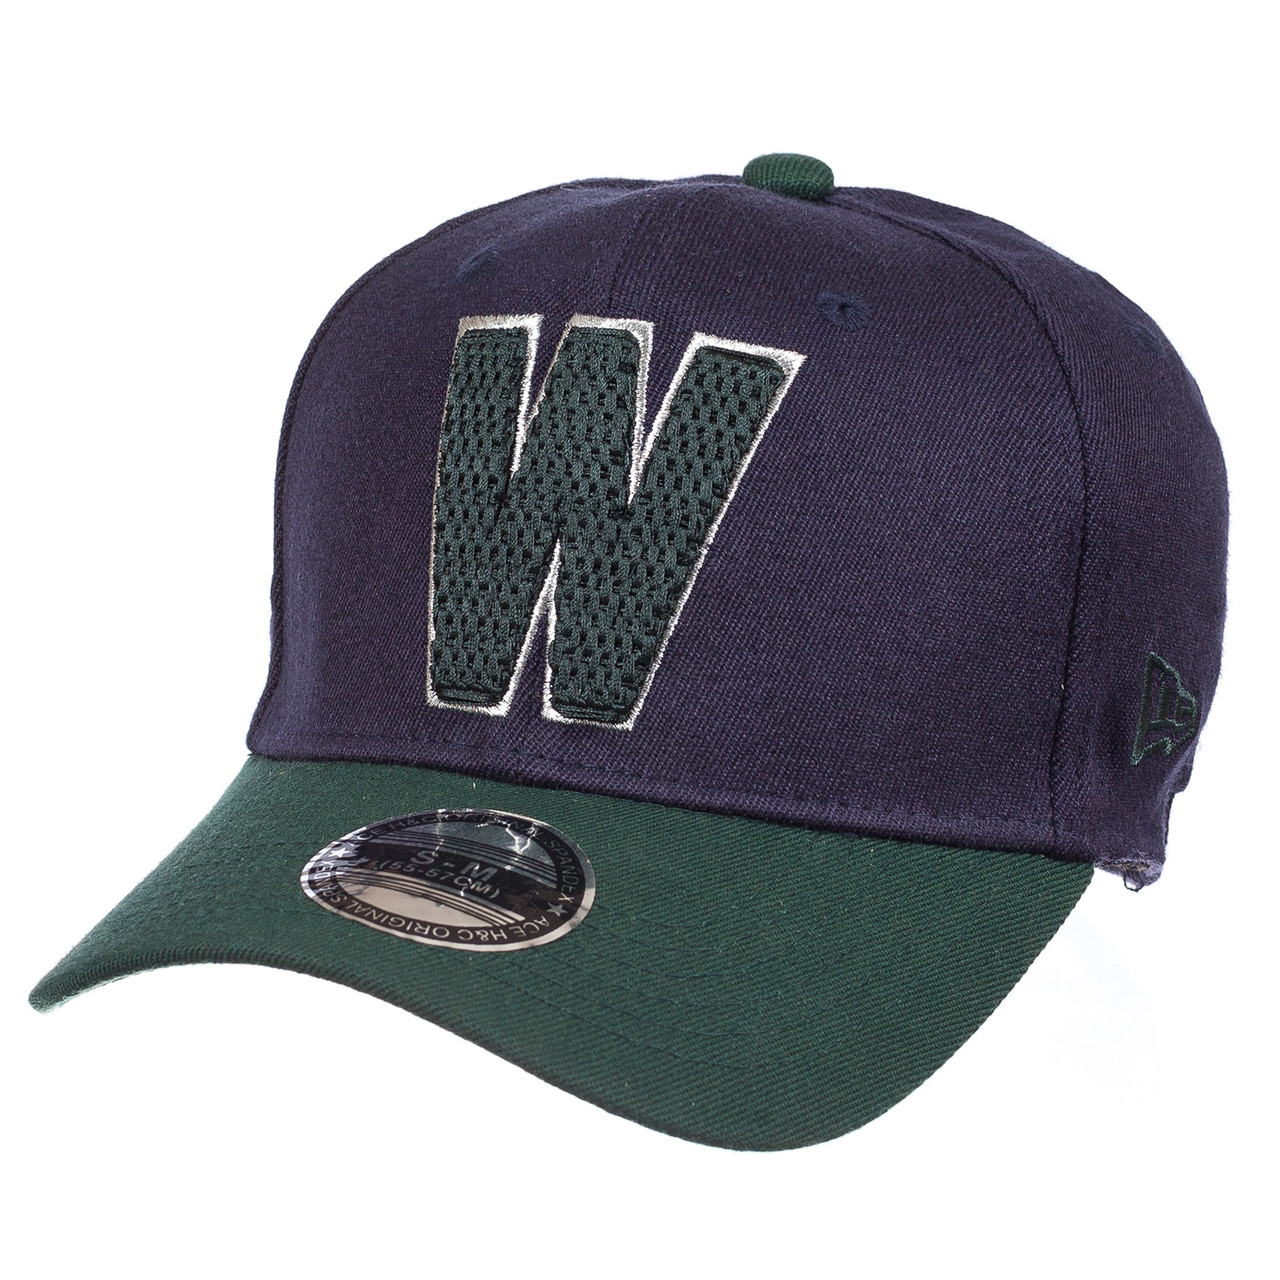 Бейсболка FULL CAP W тем.синий/зеленый